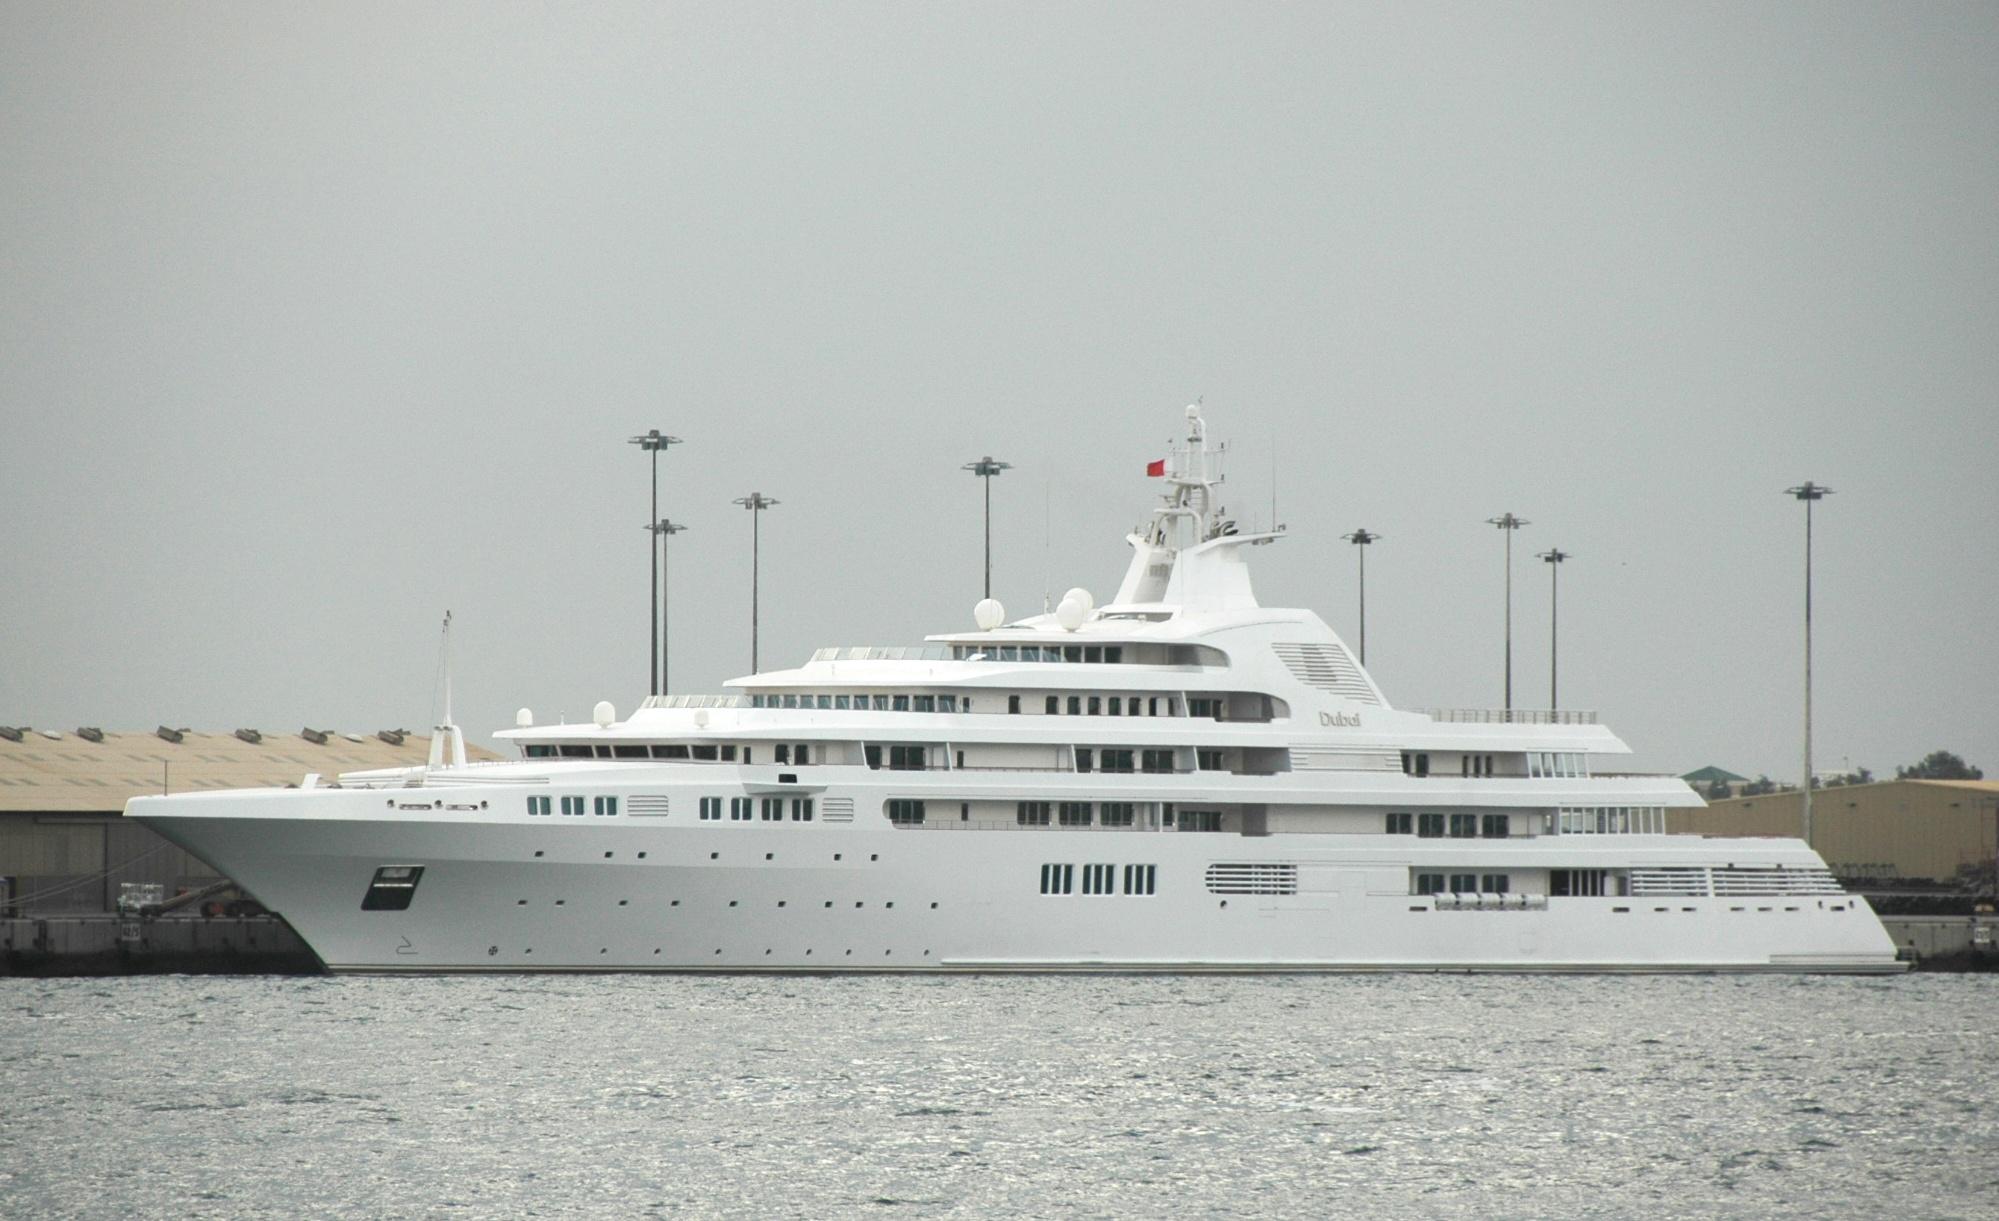 Teuerste yacht der welt abramowitsch  Top 5 der teuersten Yachten der Welt - Catawiki